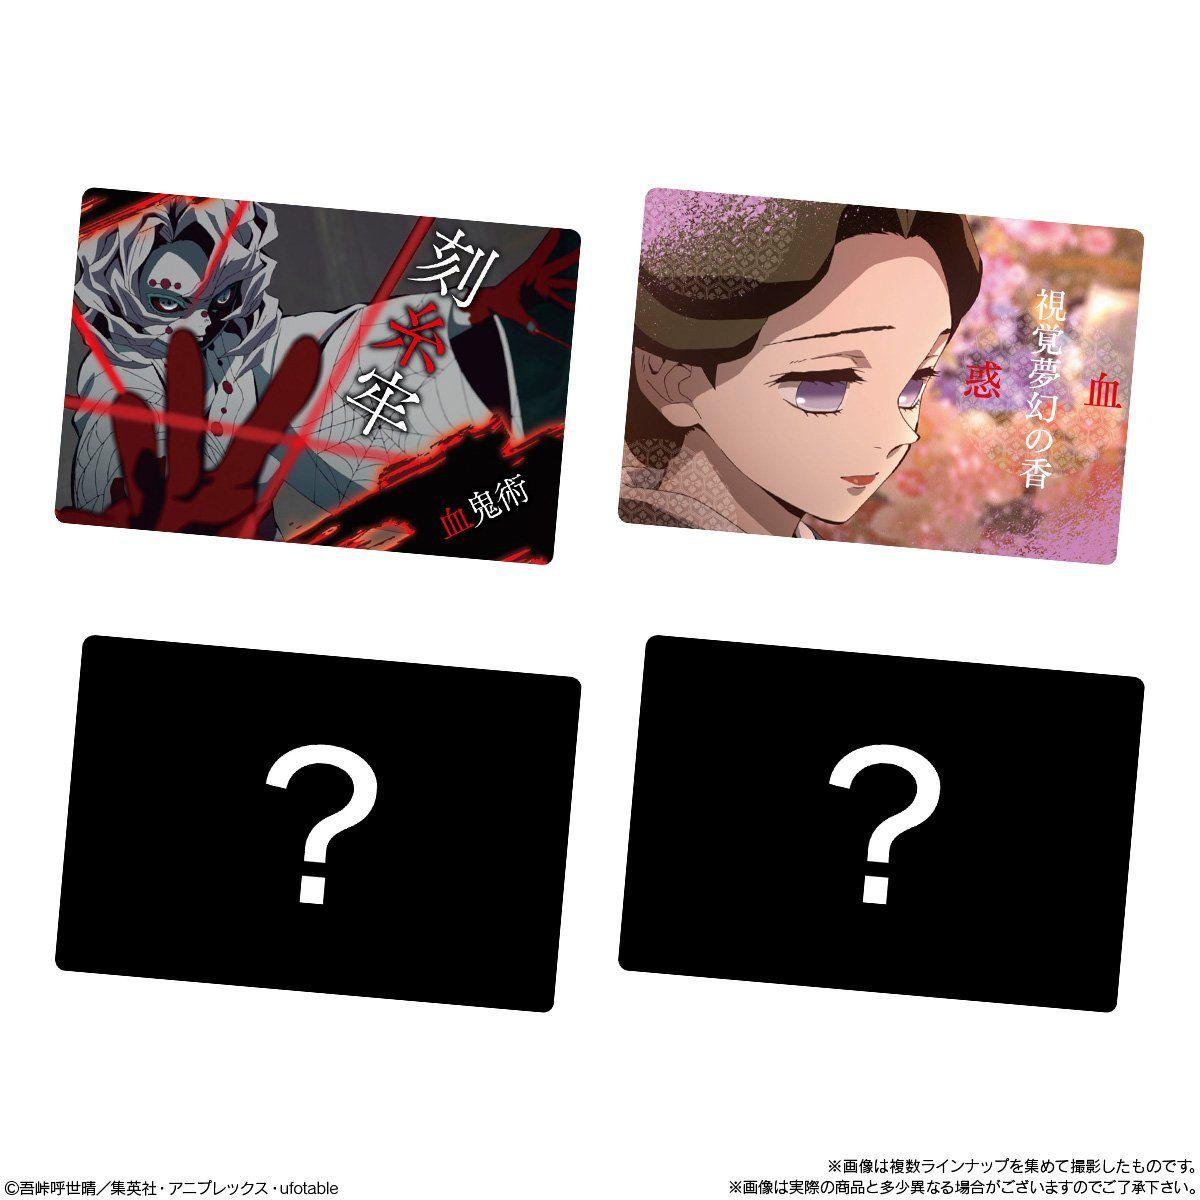 【食玩】鬼滅の刃『鬼滅の刃ウエハース3』20個入りBOX-008